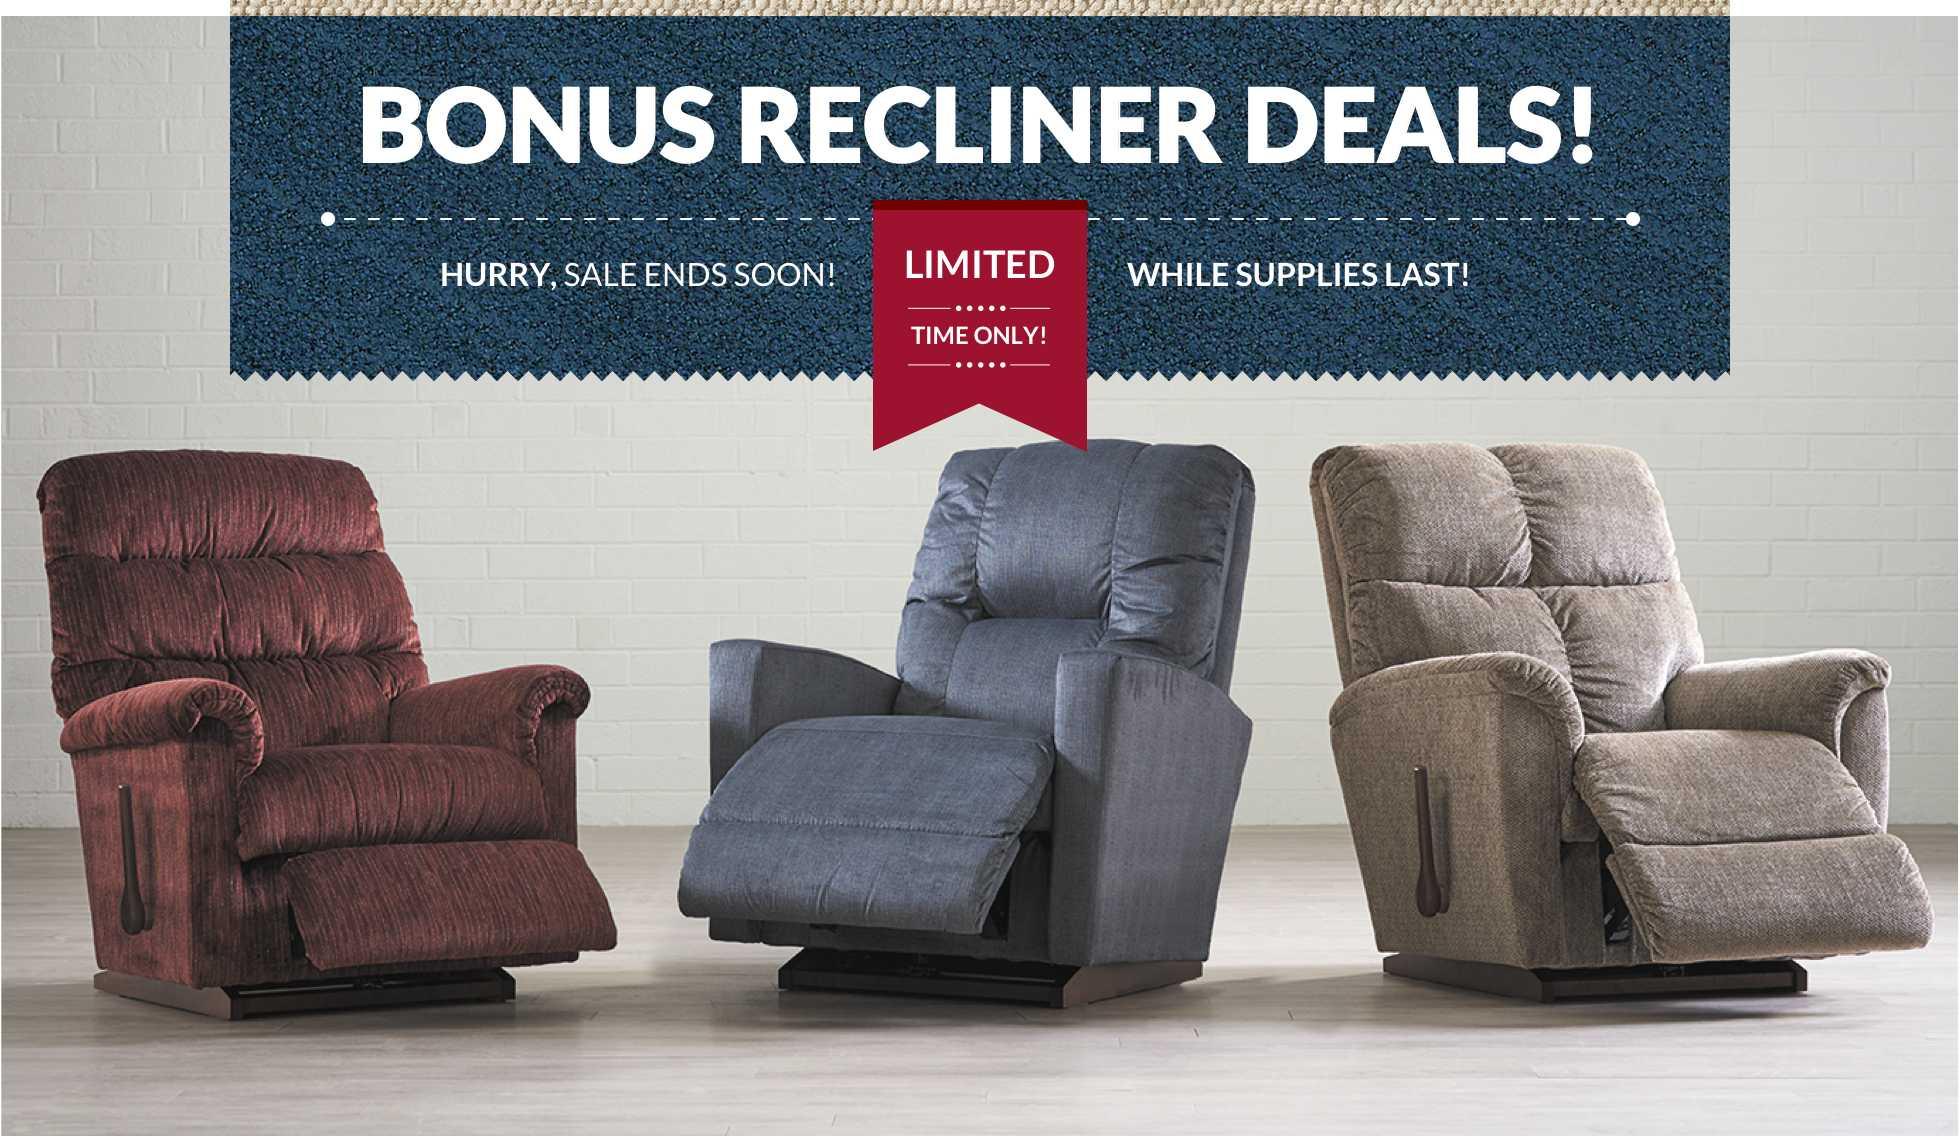 Bonus Recliner Deals!